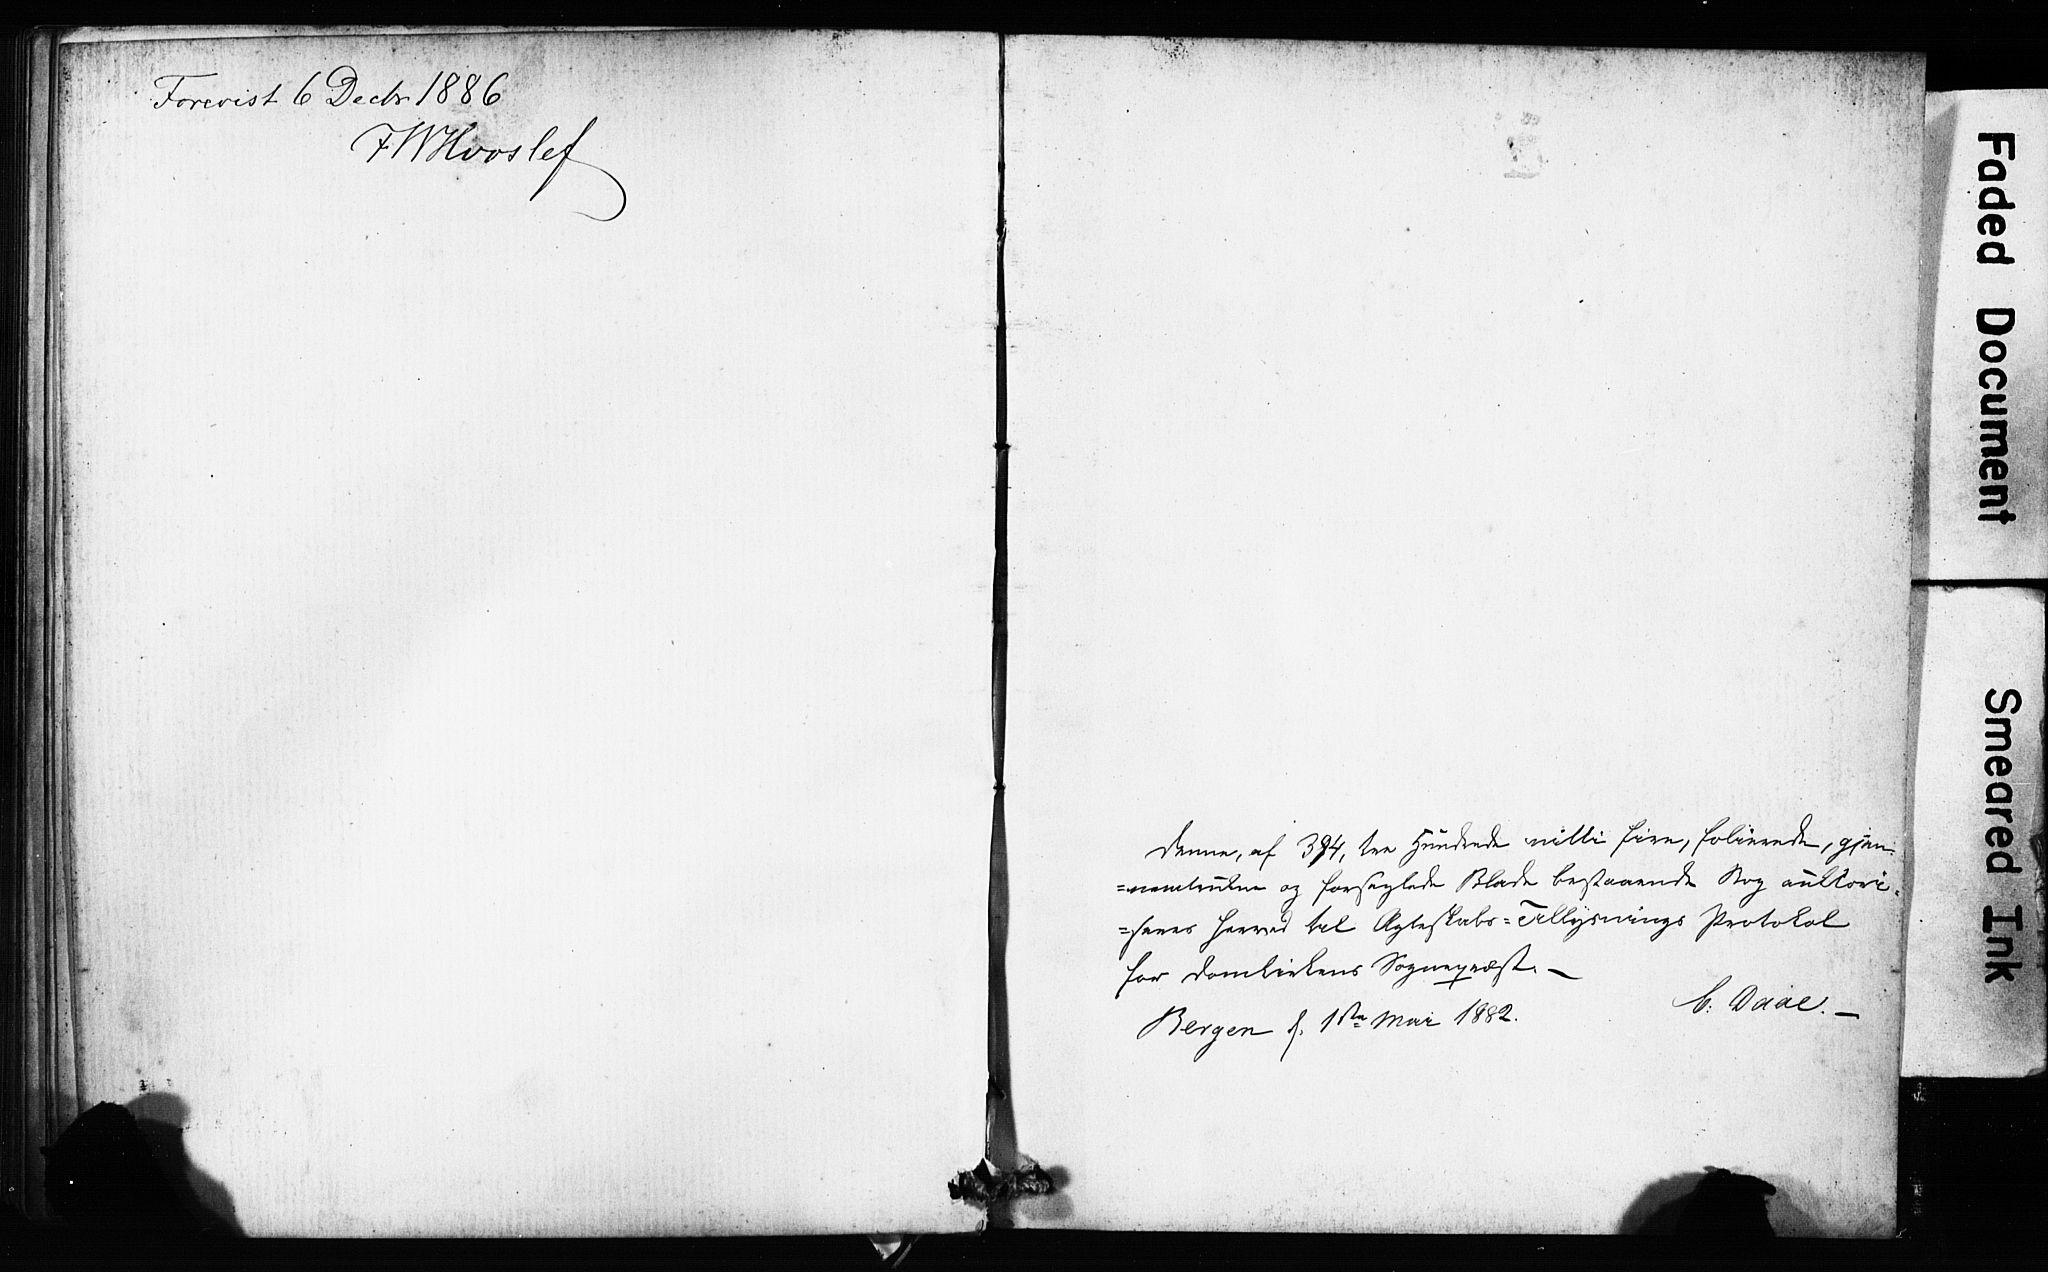 SAB, Domkirken Sokneprestembete, Forlovererklæringer nr. II.5.9, 1882-1889